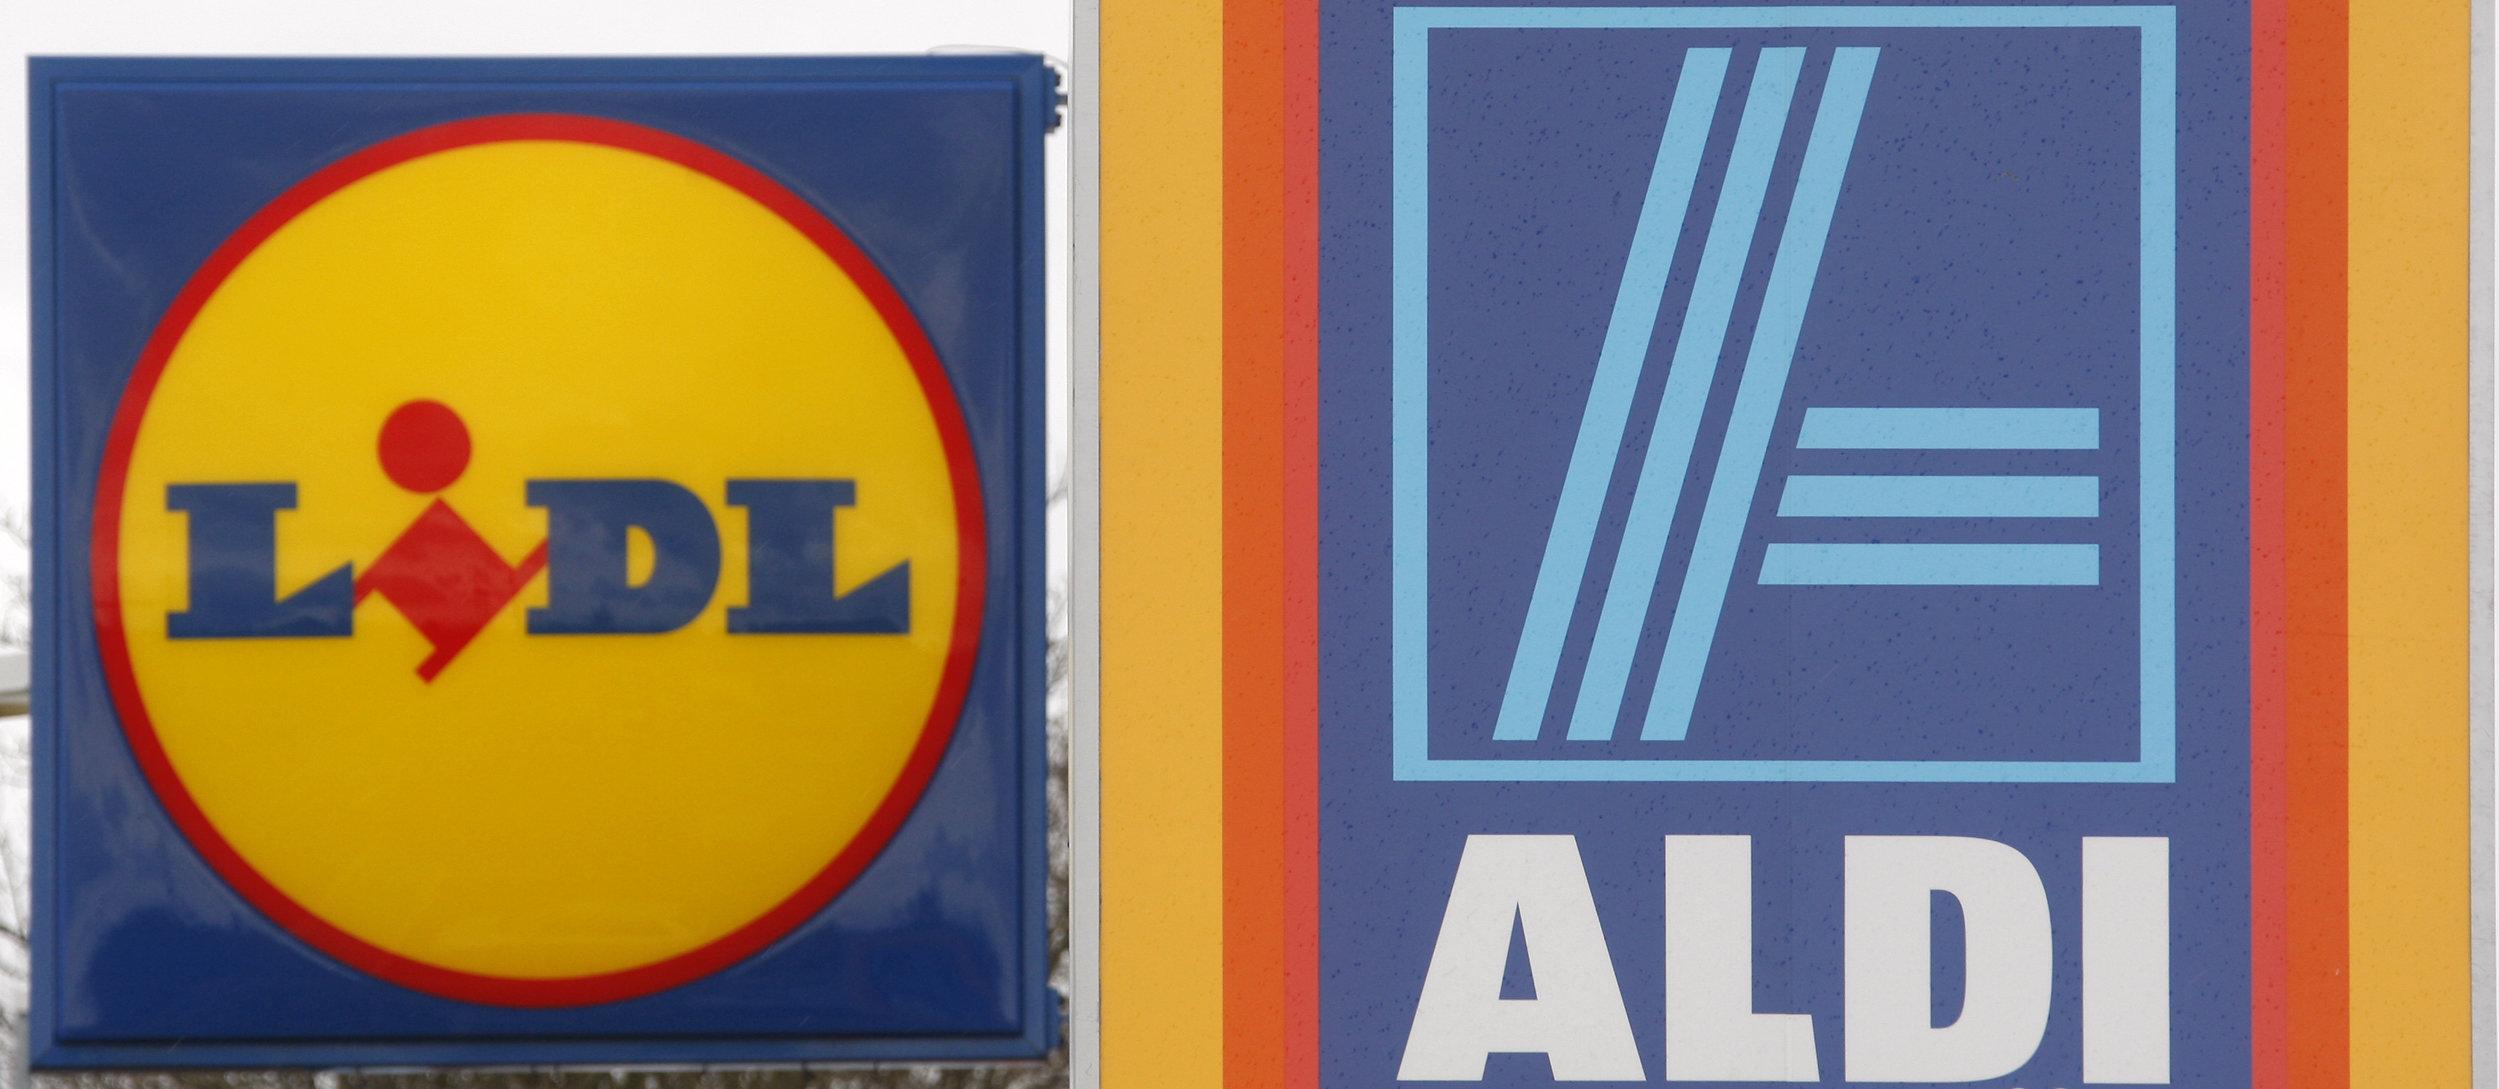 Lidl empörte mit Muttertagsangebot – jetzt teilt Aldi gegen den Konkurrenten